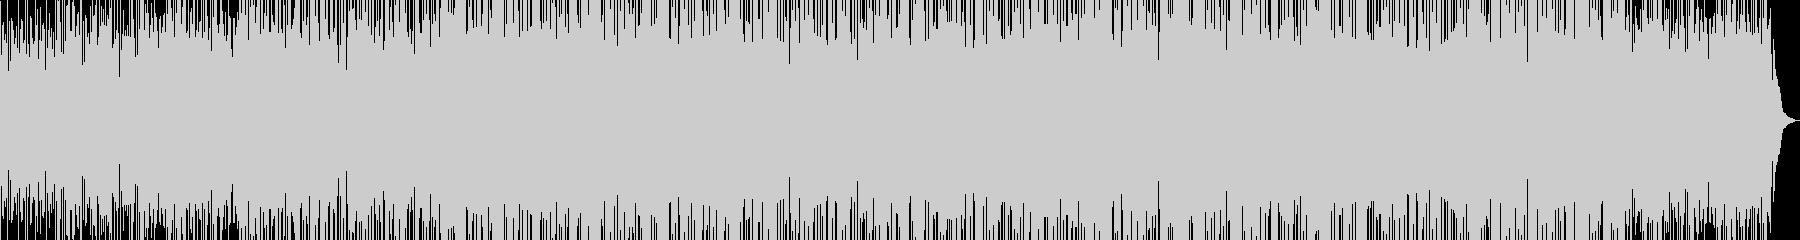 代替案 ポップ アクティブ 明るい...の未再生の波形